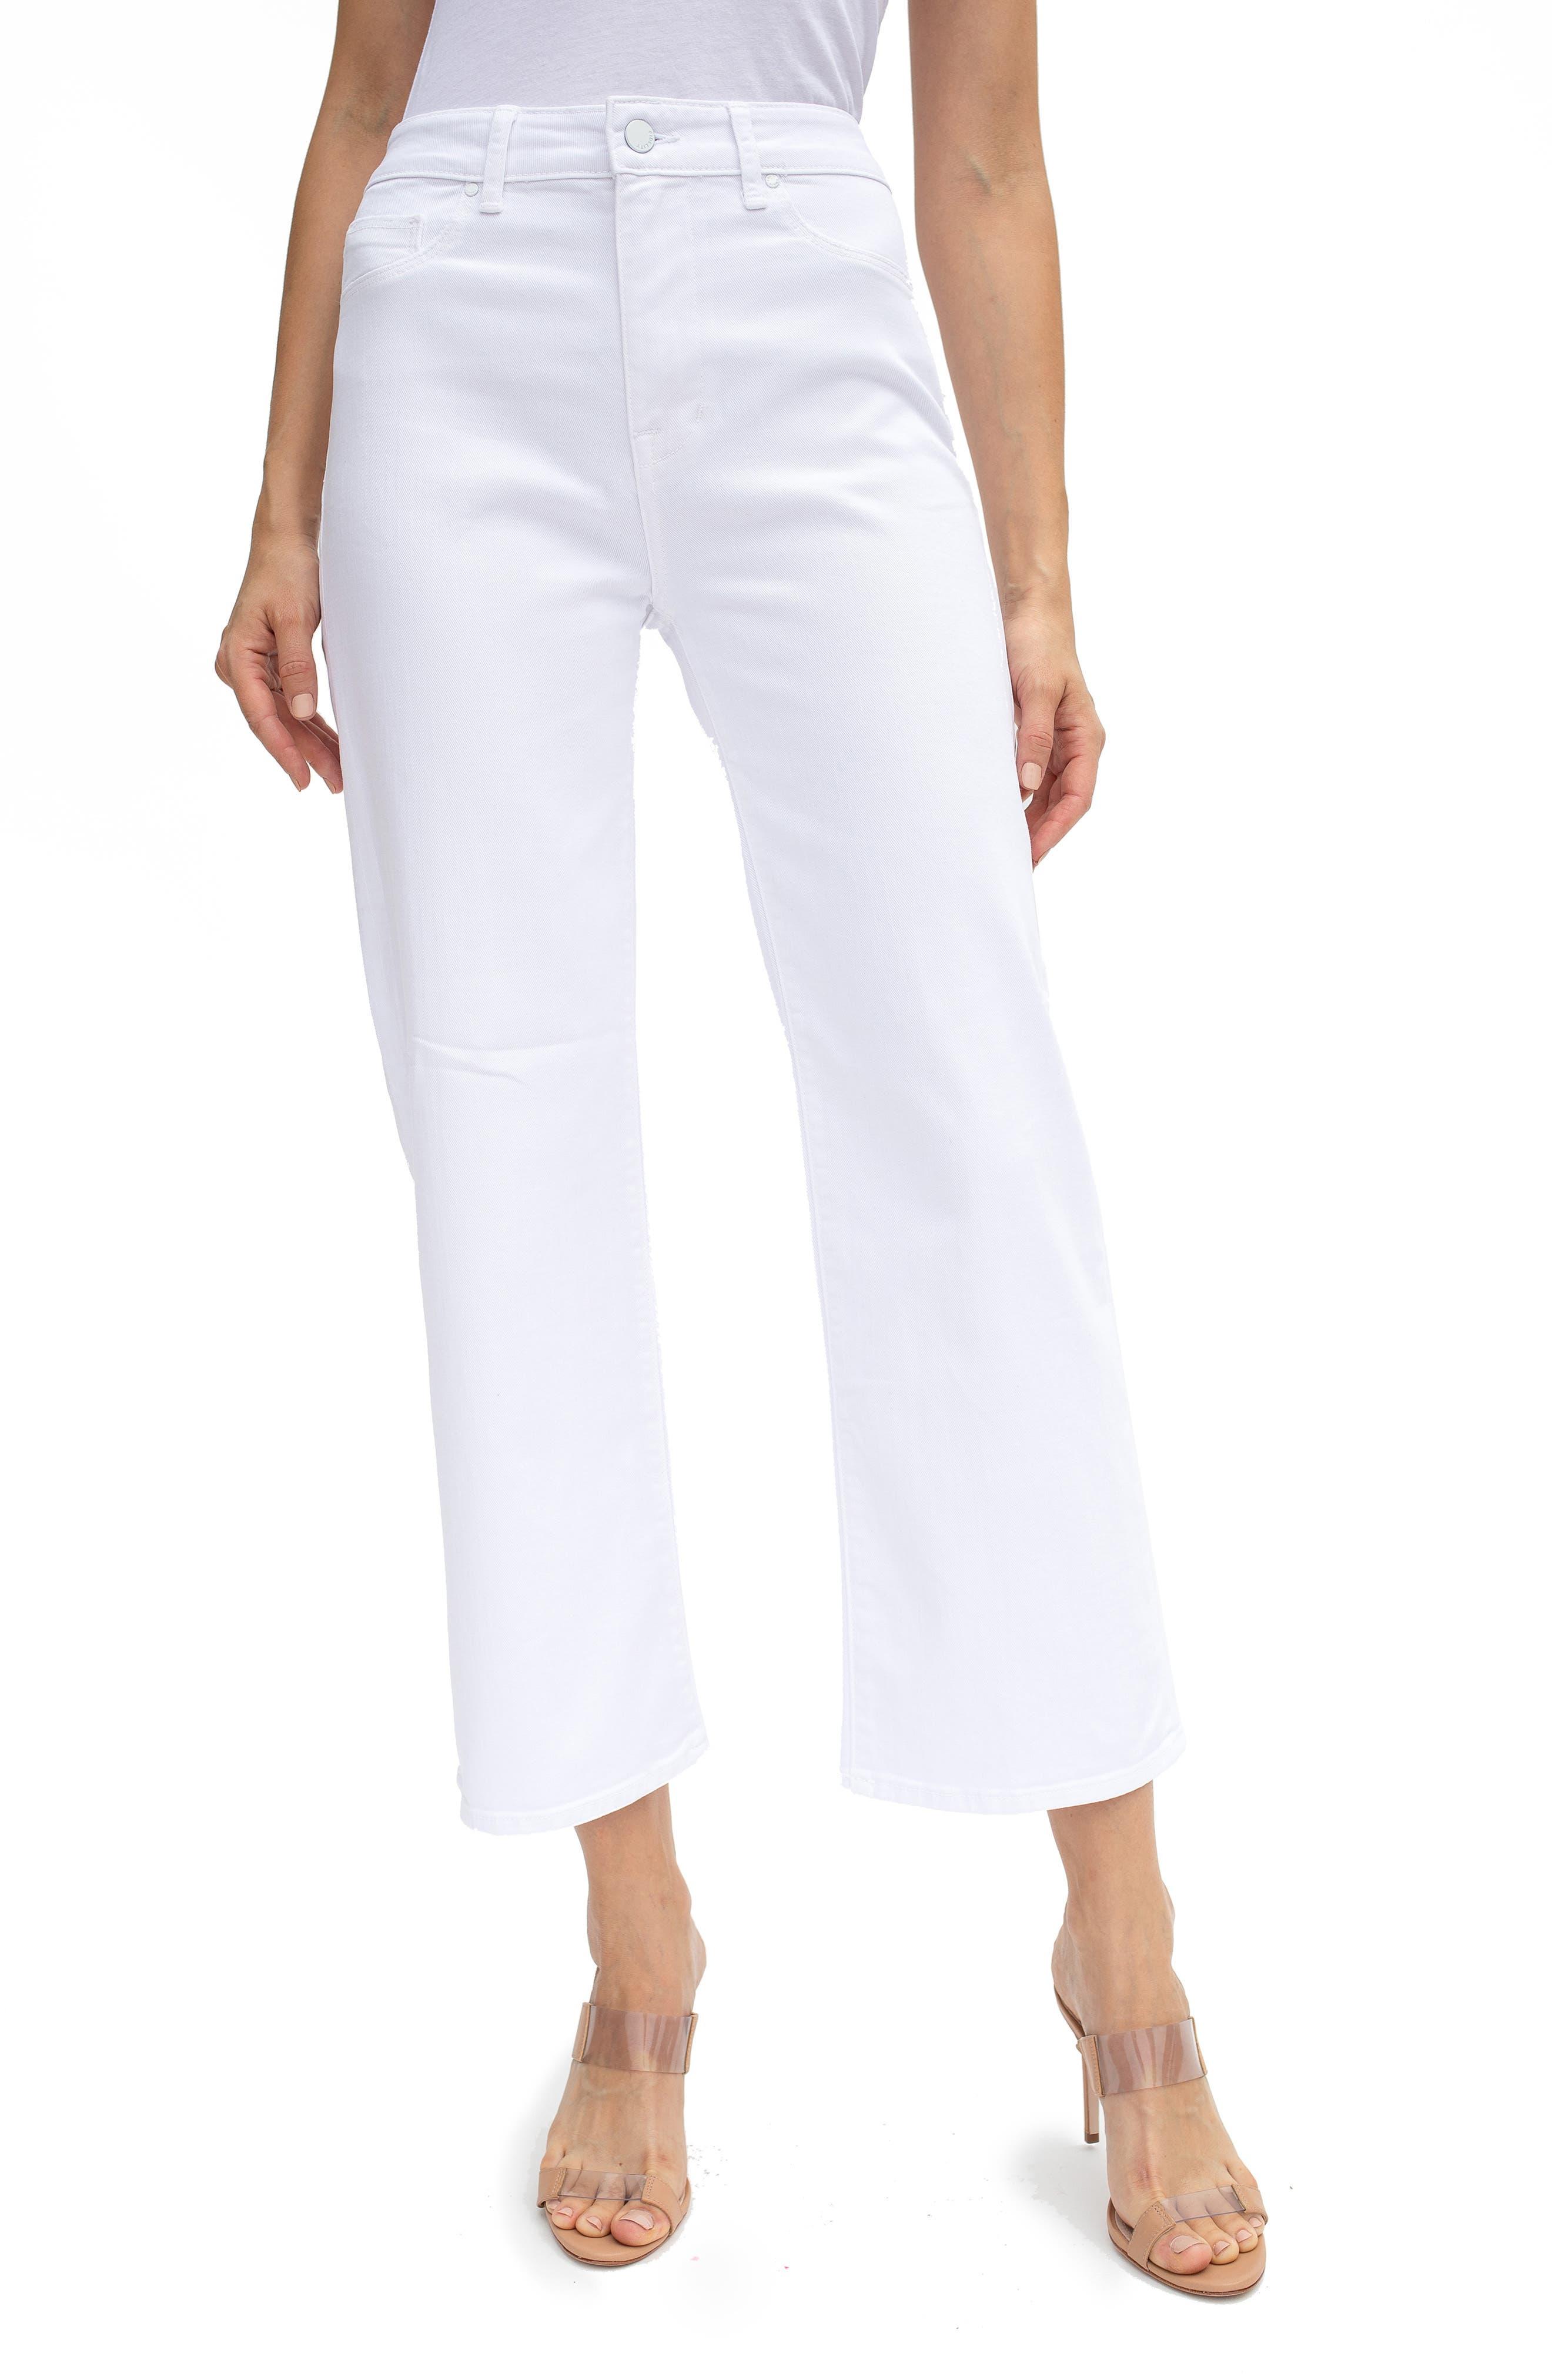 Malibu High Waist Crop Flare Jeans